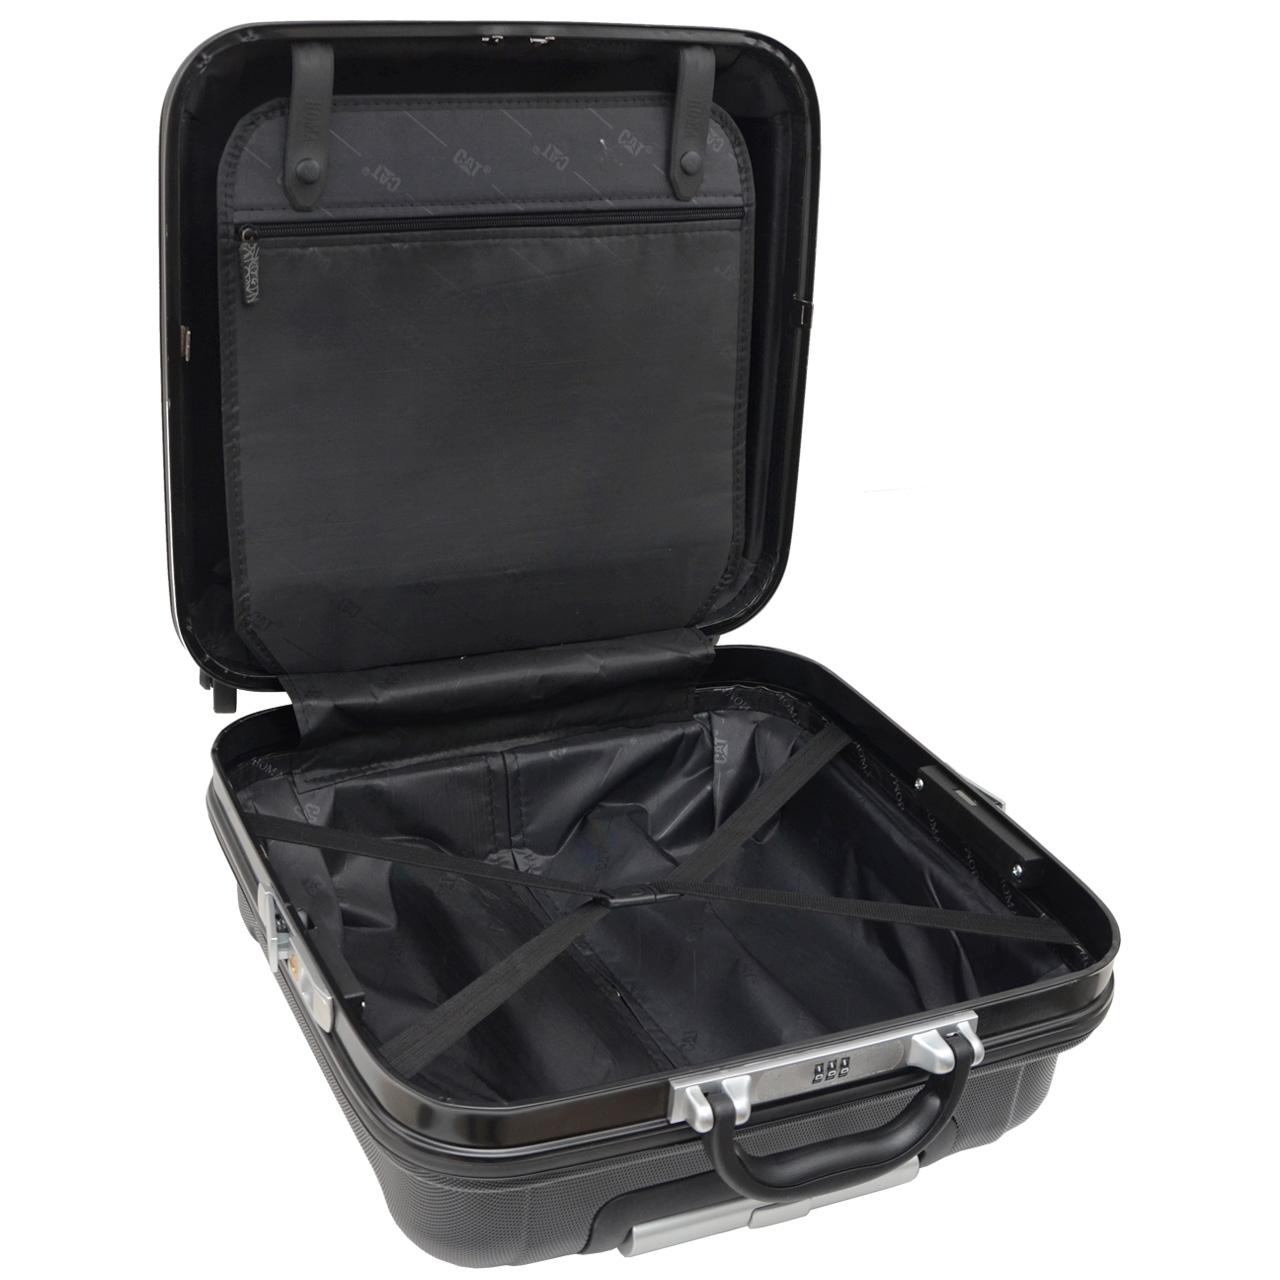 چمدان خلبانی هما مدل 600025 main 1 11